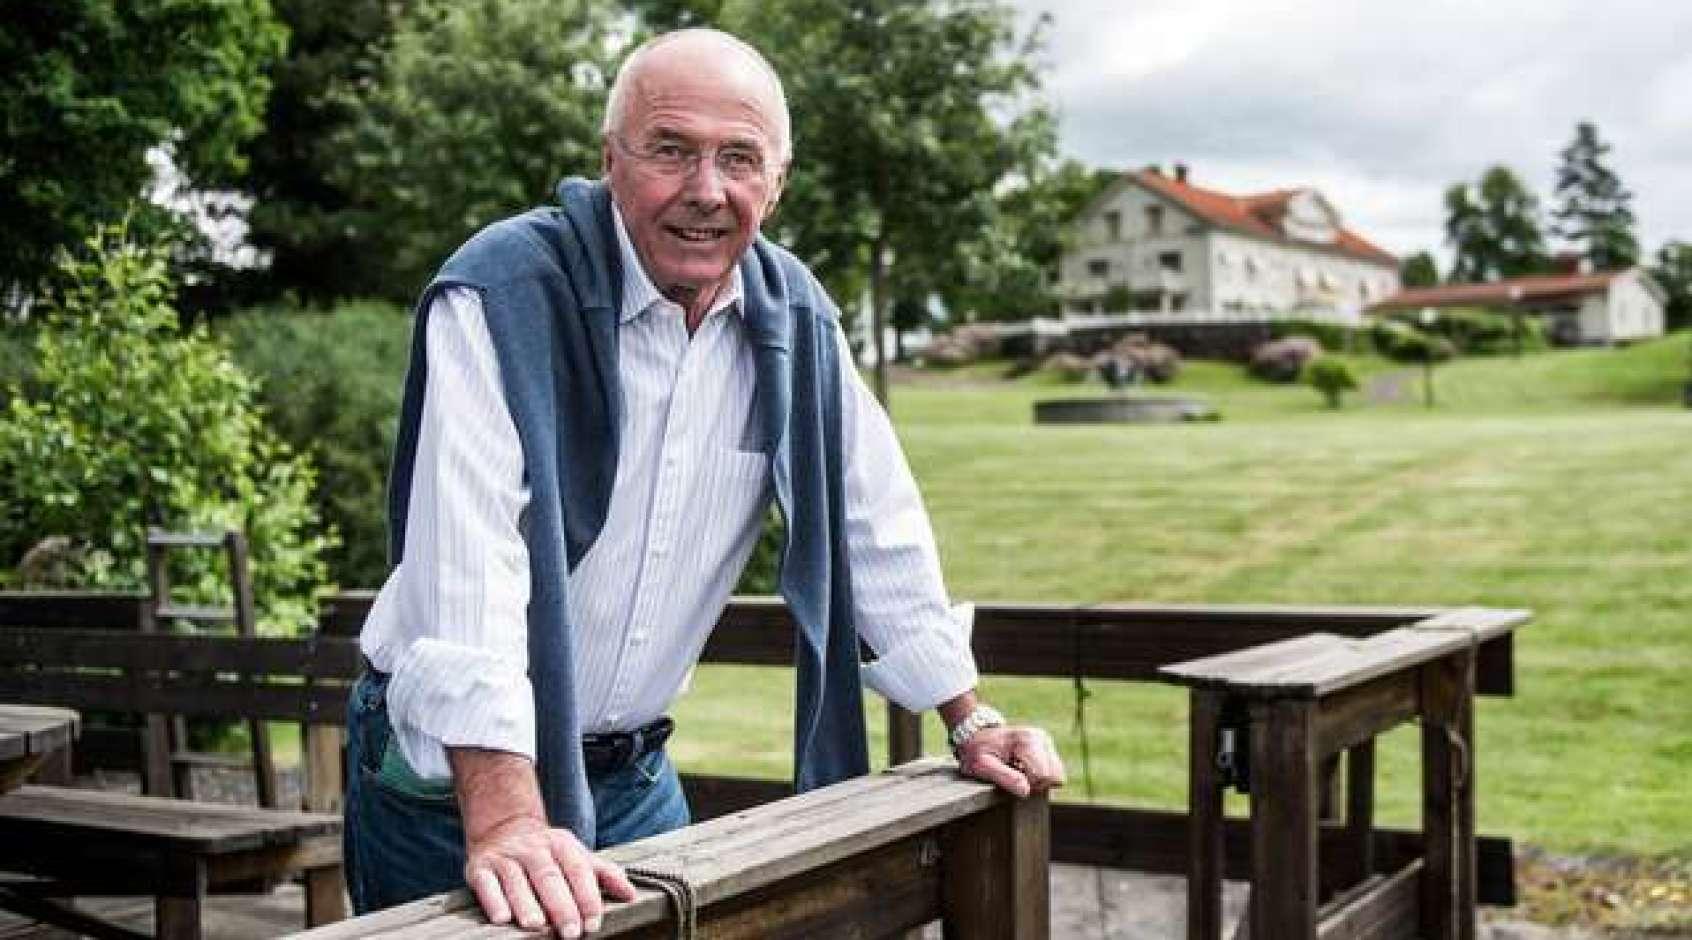 """Свен-Йоран Эрикссон: """"Ко мне пришли из Скотленд-Ярда и объяснили, что мой телефон прослушивается"""""""